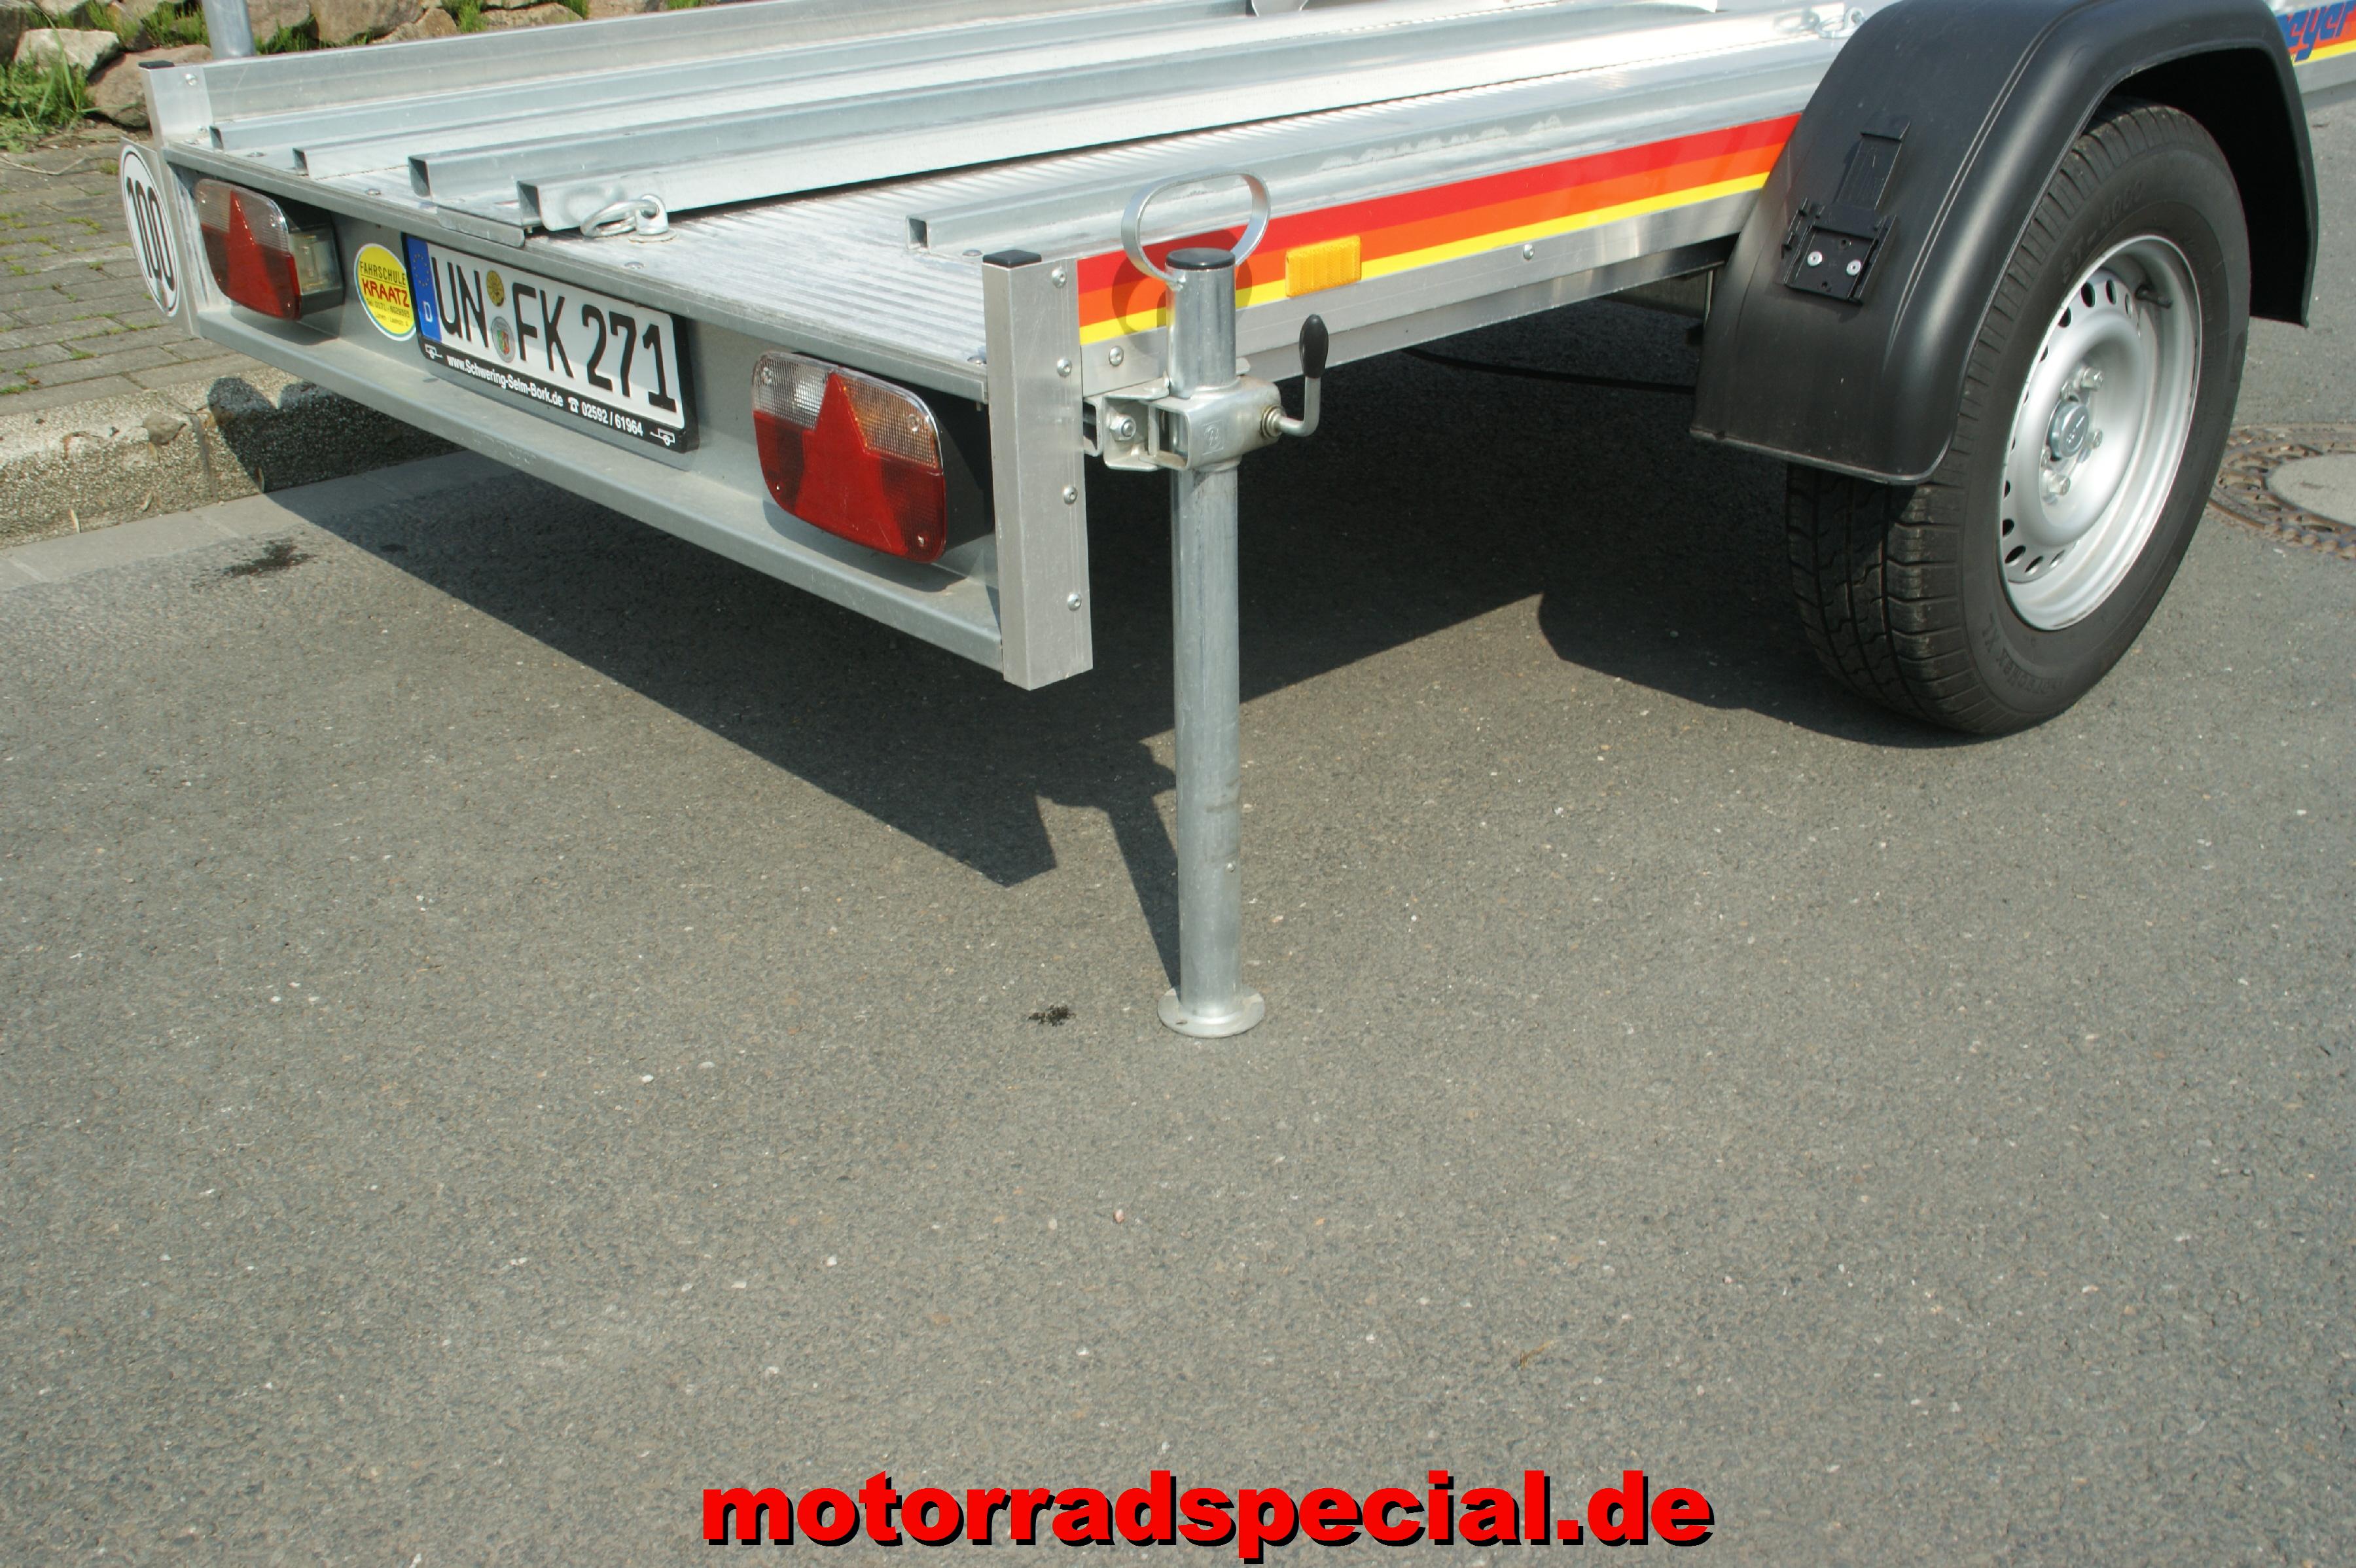 Motorrad Special_Leihänger-mittel_1